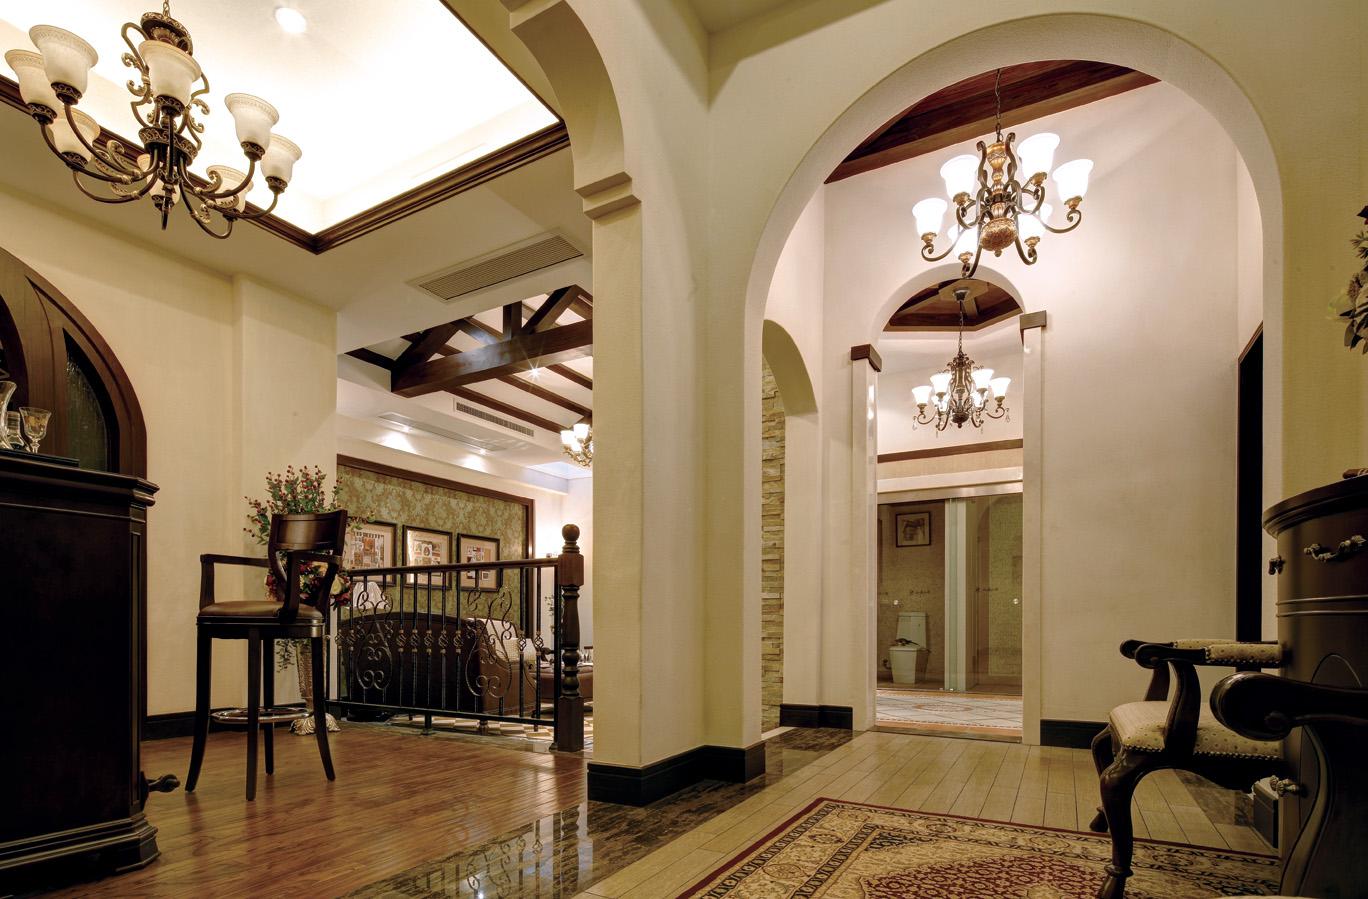 美式臻园 别墅装修 装修风格 别墅软装 装修设计 室内设计 客厅图片来自别墅装修设计yan在浪漫温馨美式臻园案例的分享